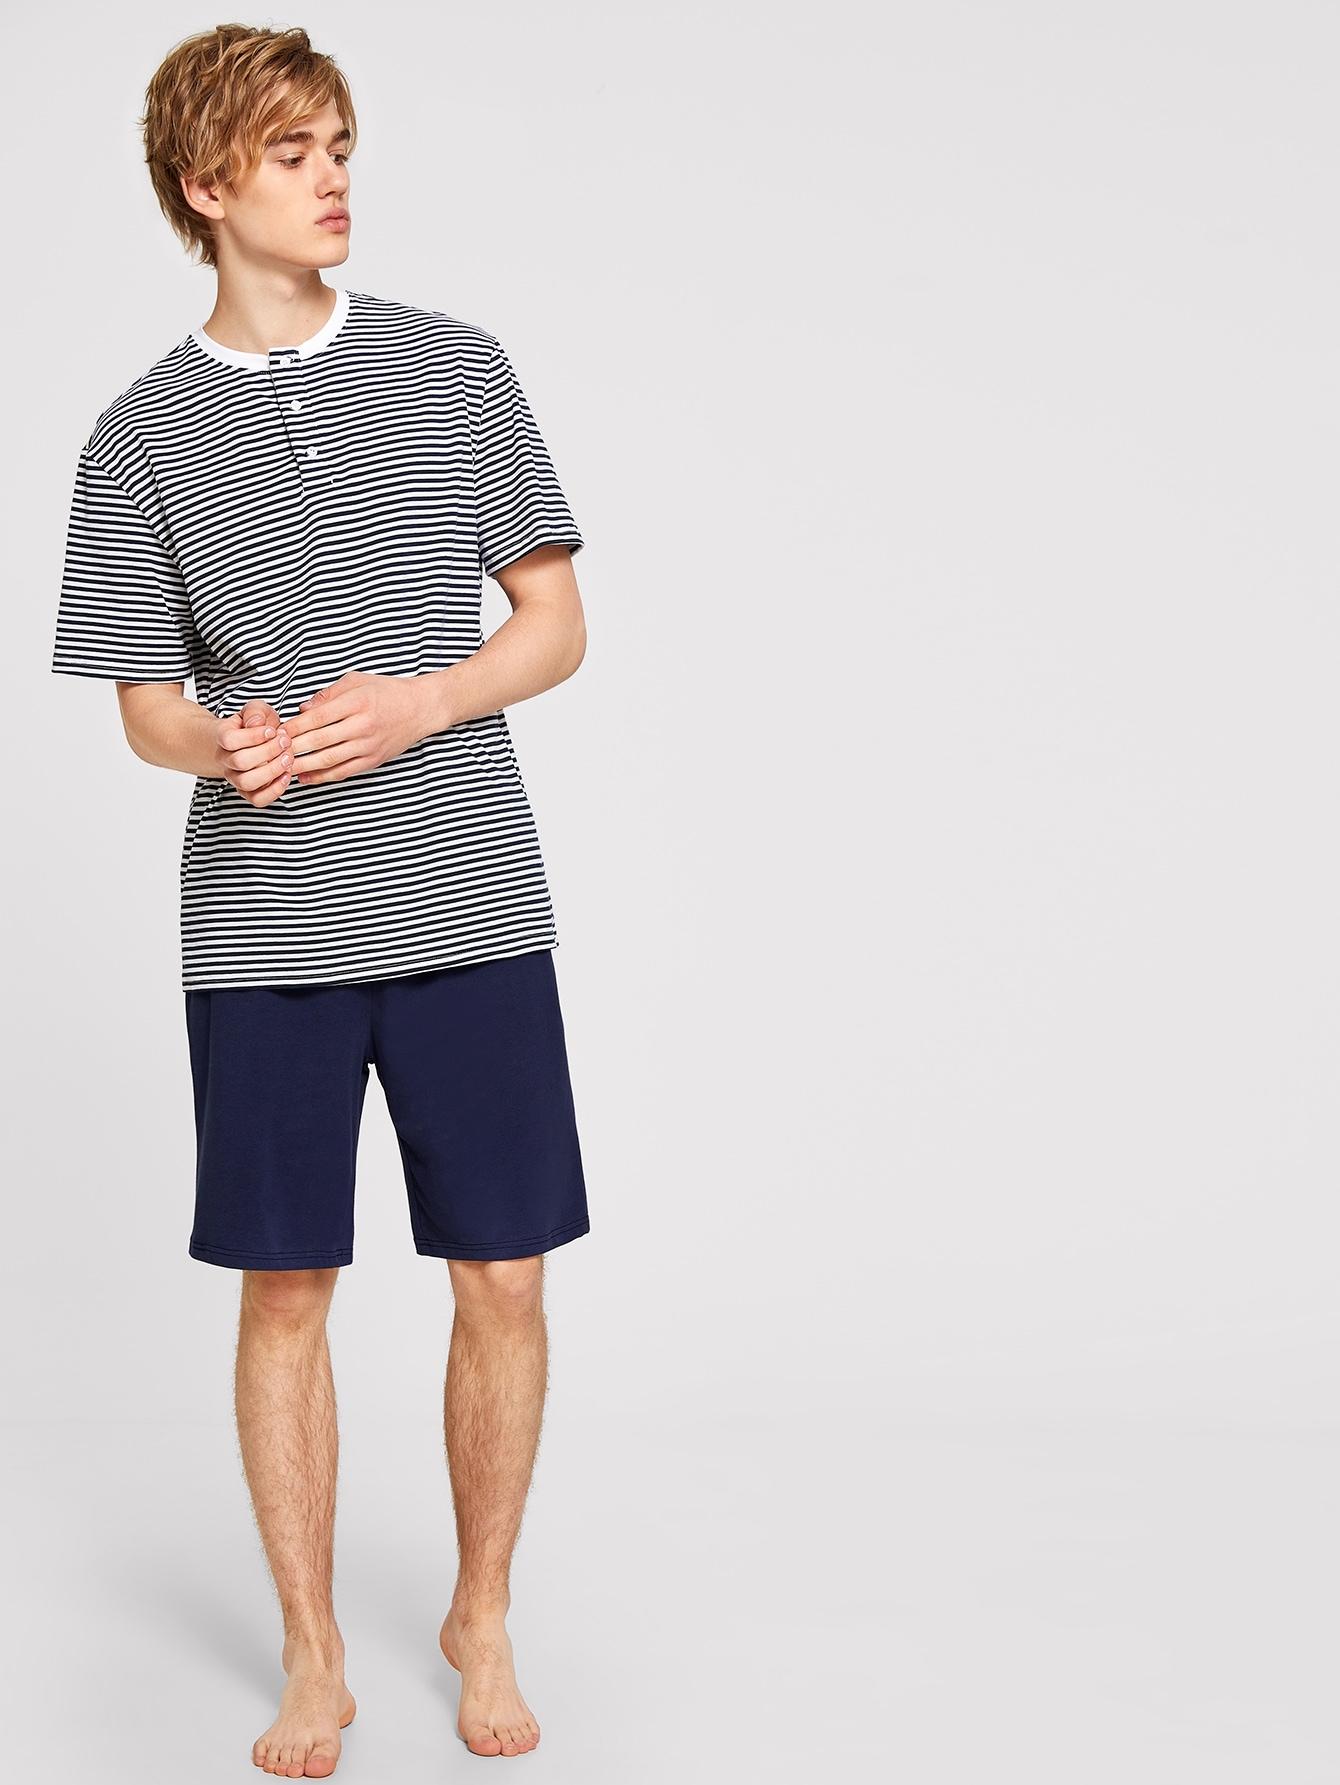 Купить Мужские футболка в полоску с пуговицами и шорты, Alex, SheIn